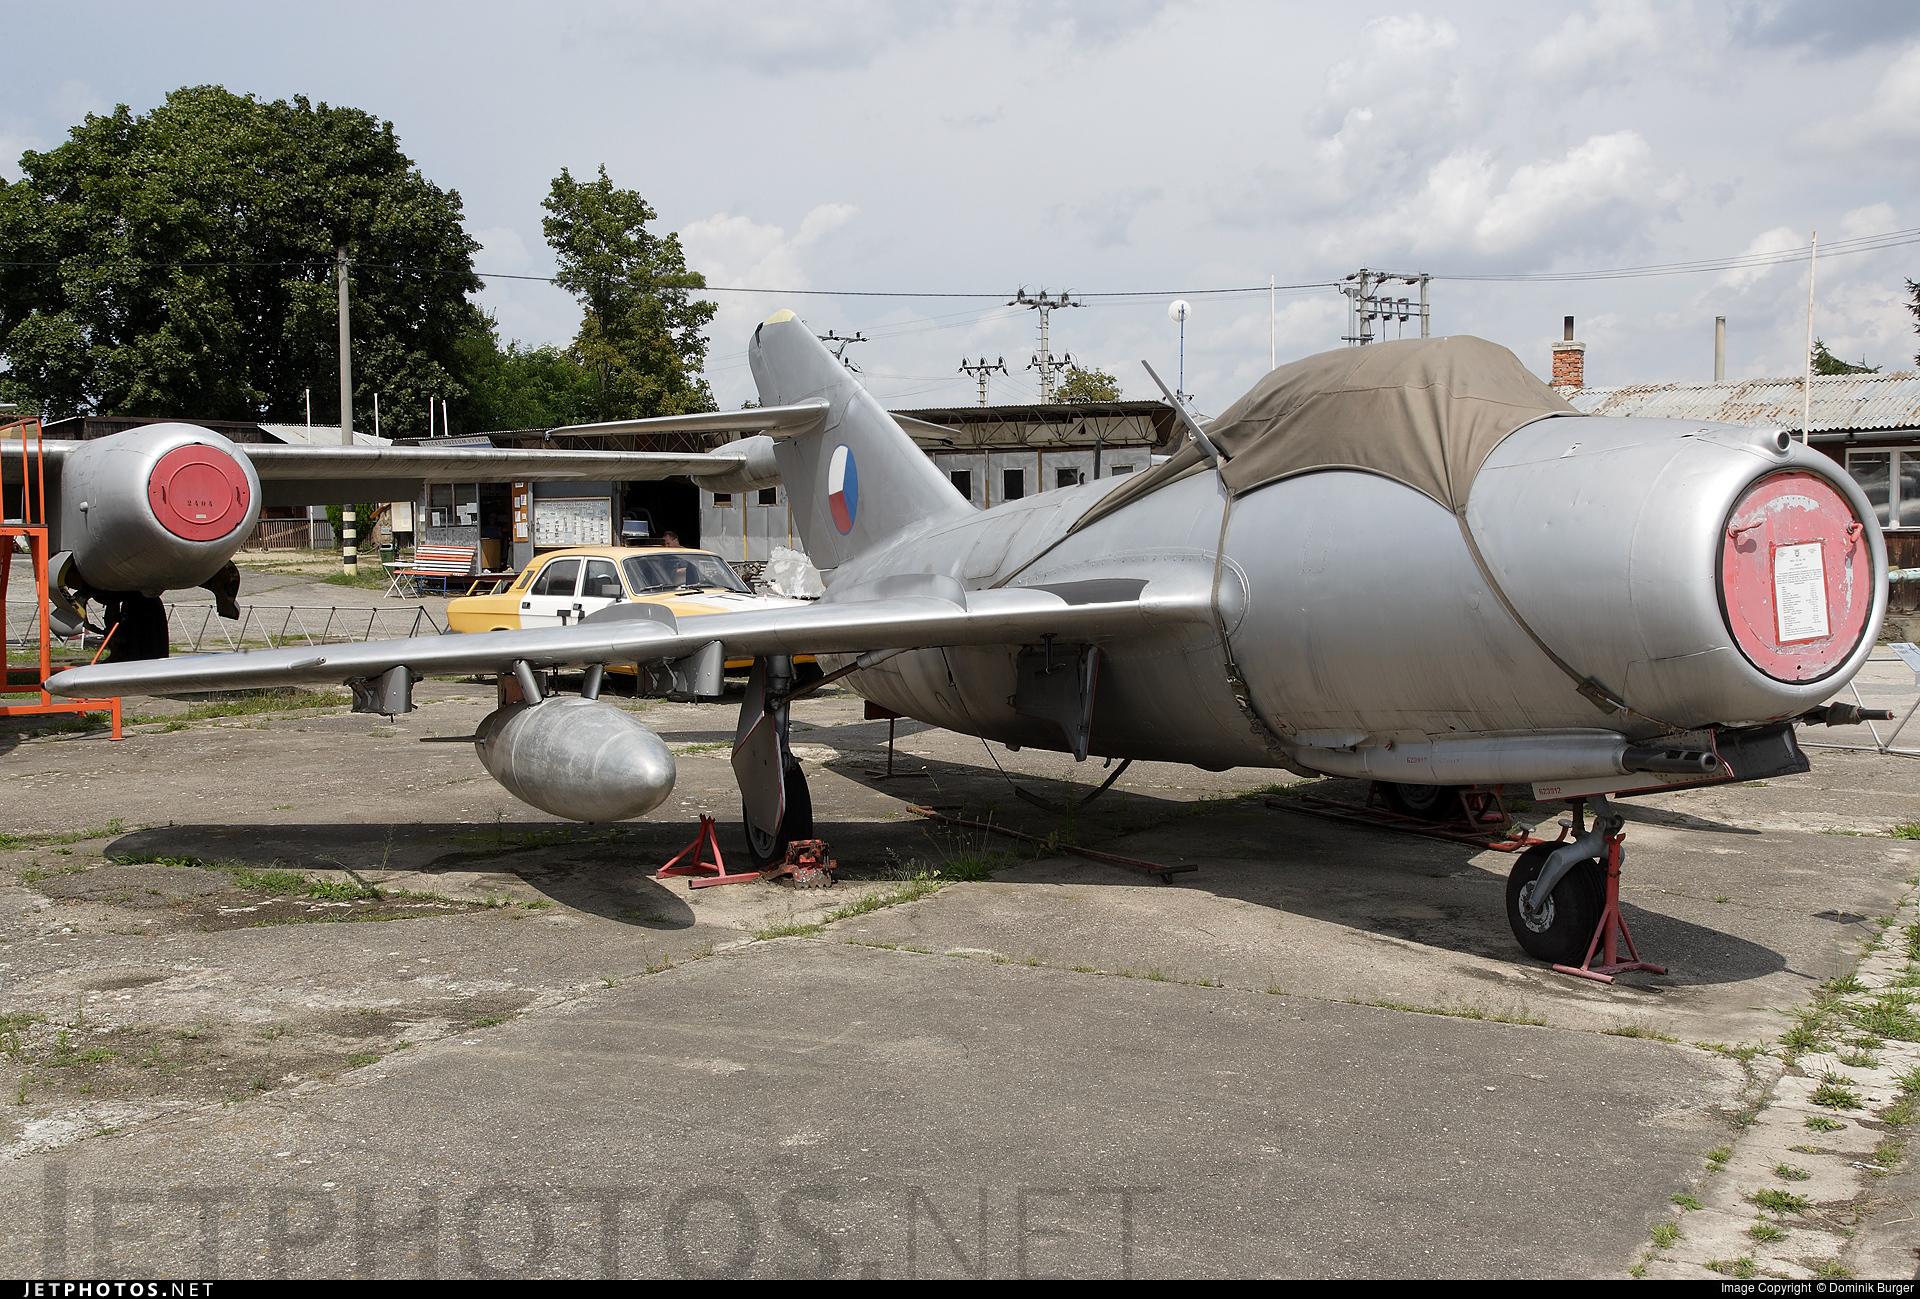 3912 - Mikoyan-Gurevich Mig-15bis Fagot - Czechoslovakia - Air Force